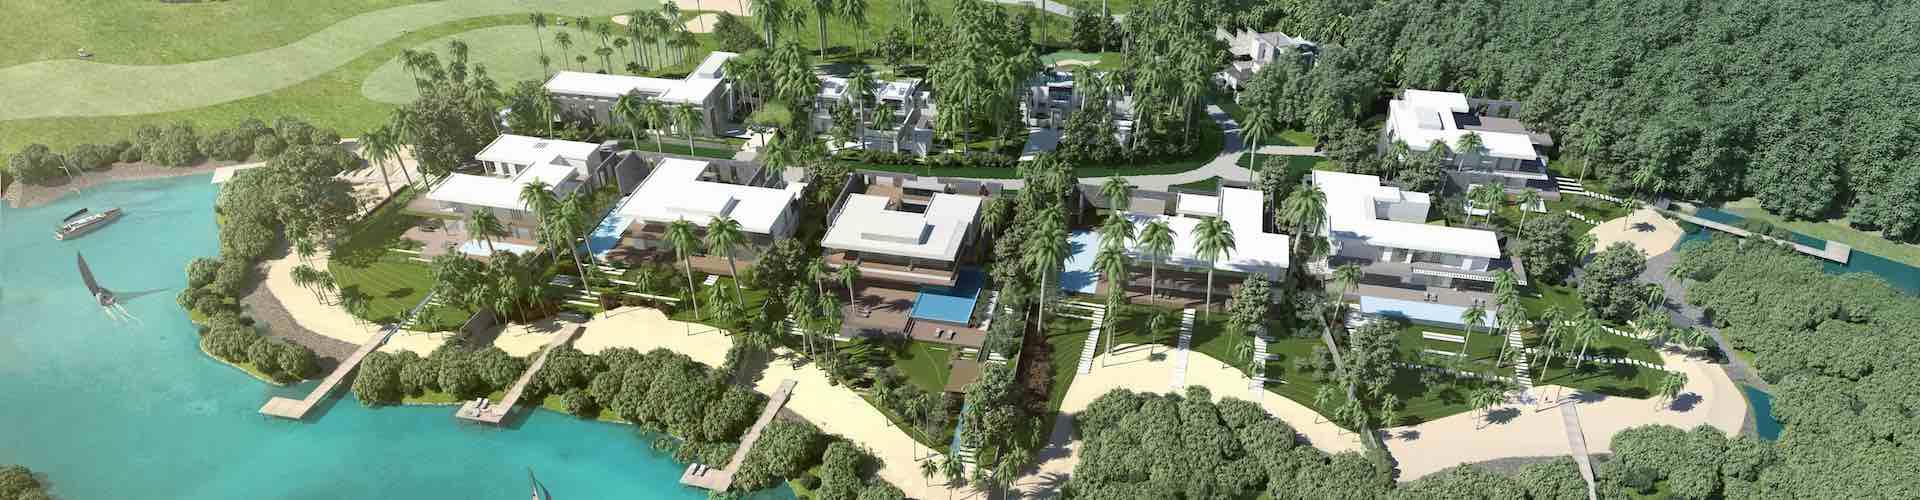 Villa sur golf vue mer avec ponton à bateau defiscalisation Jinvesty creation patrimoine immobilier etranger investissement immobilier ile maurice reduction fiscale etranger